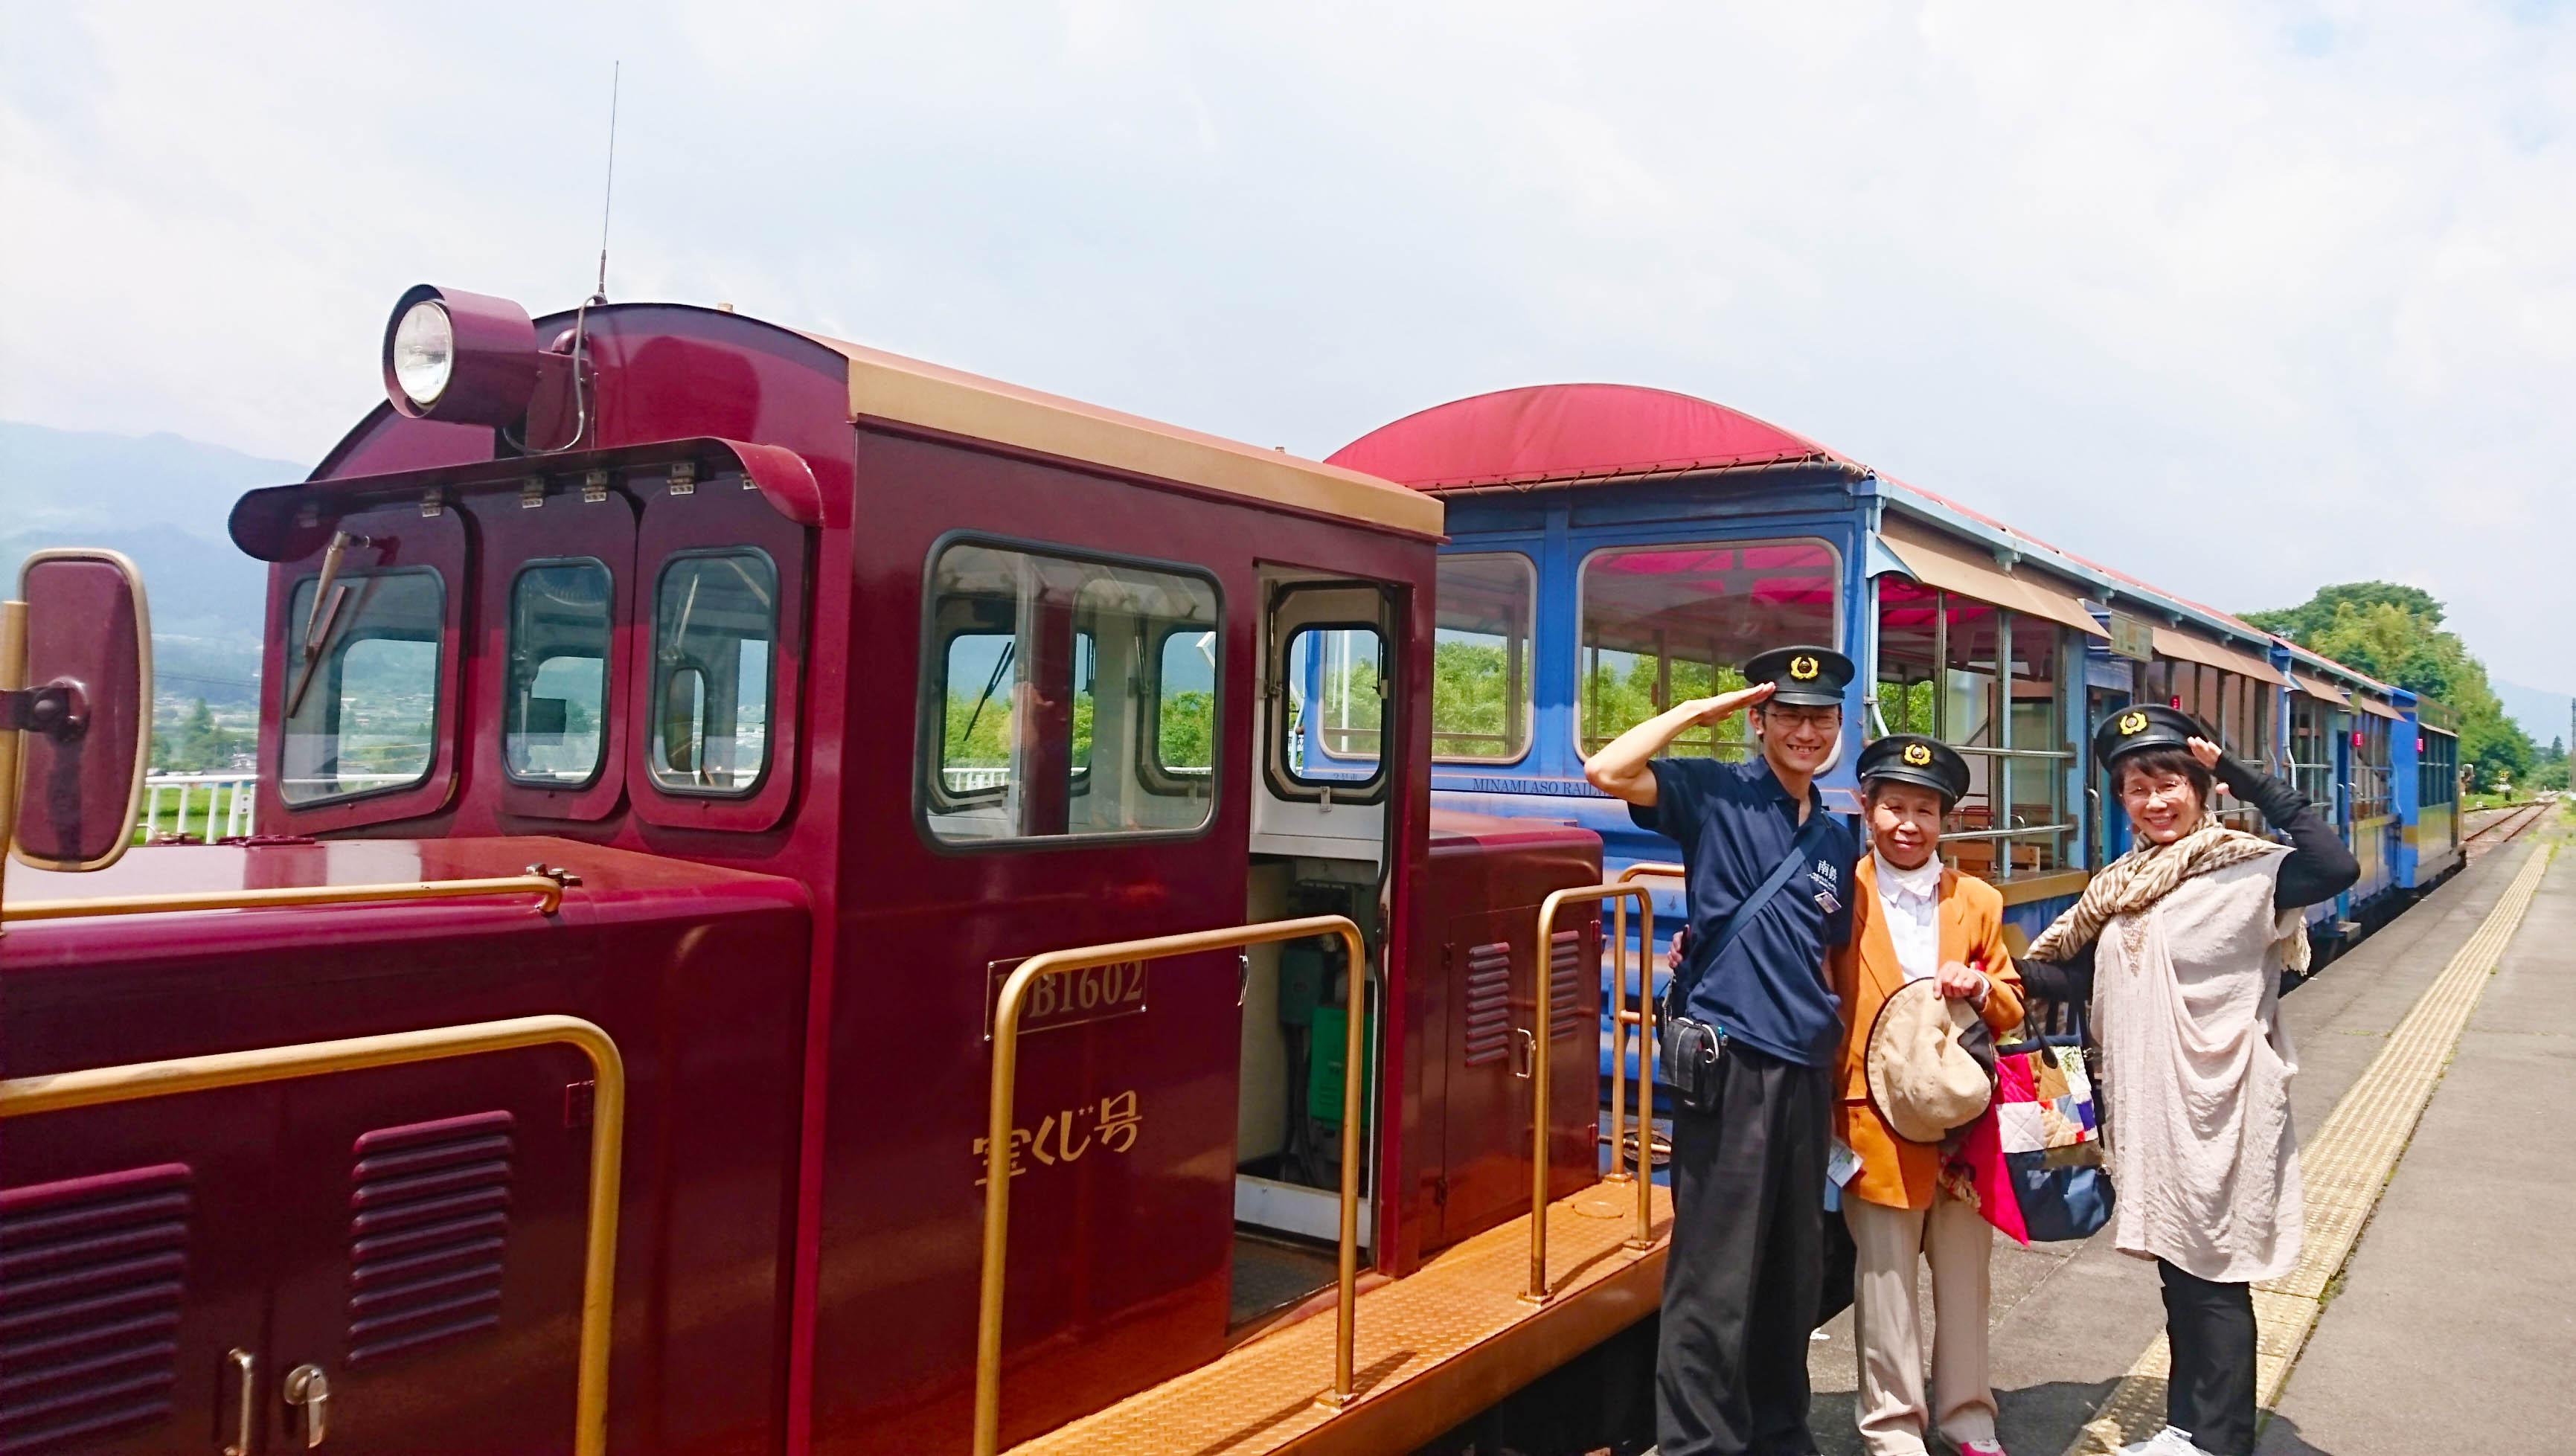 熊本 南阿蘇鉄道トロッコ列車とメロン食べ放題ツアー催行!